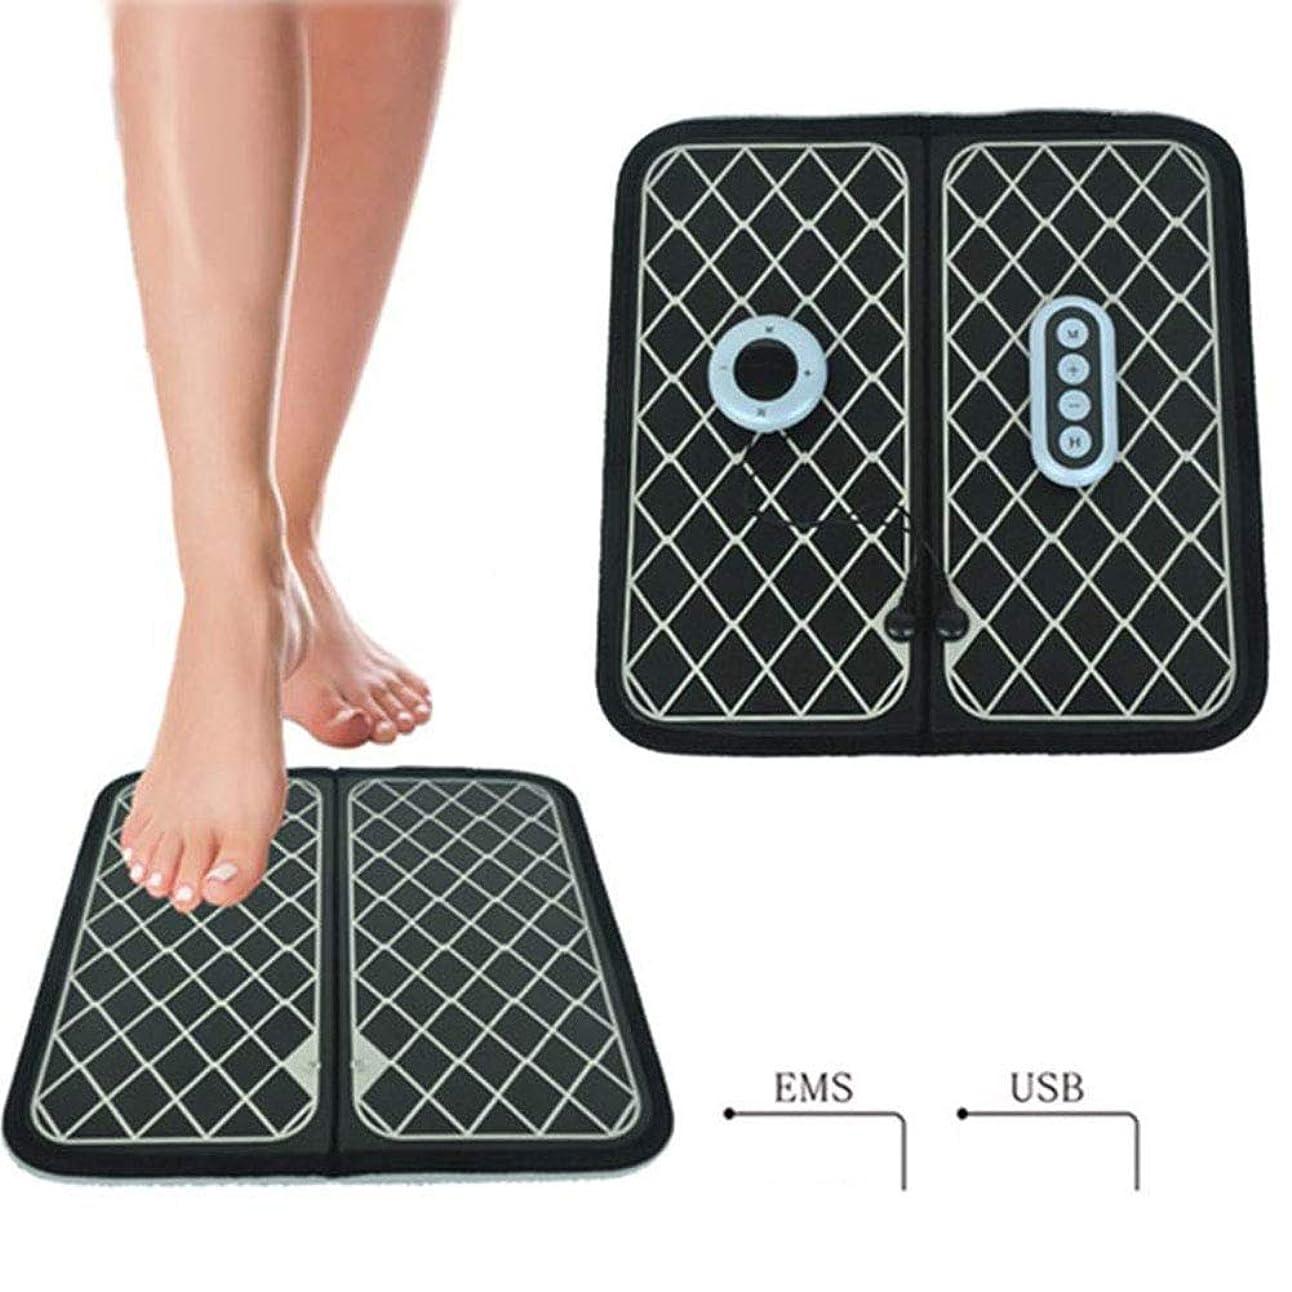 アニメーション眩惑する悪行フットマッサージャーEMSフットサイクルUSBマッサージャー充電式電磁筋肉刺激により、痛みを軽減し、血液循環を改善し、足の疲労を軽減します